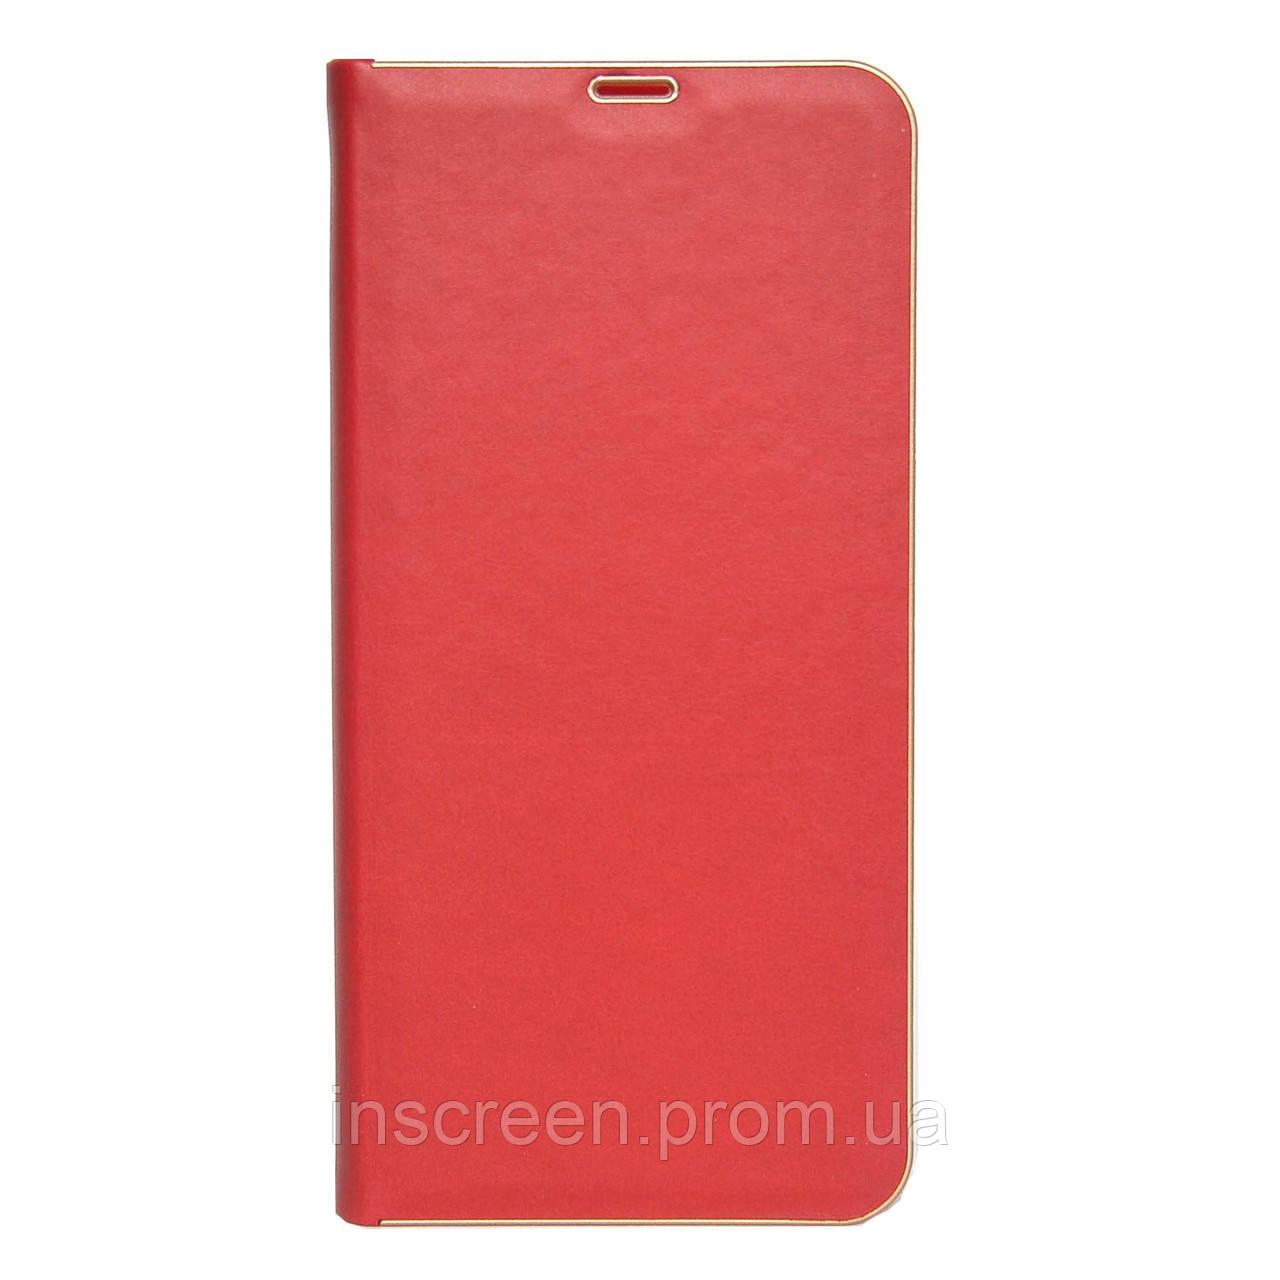 Чохол-книжка Florence TOP 2 Xiaomi Redmi Note 9S, Note 9 Pro під шкіру червоний